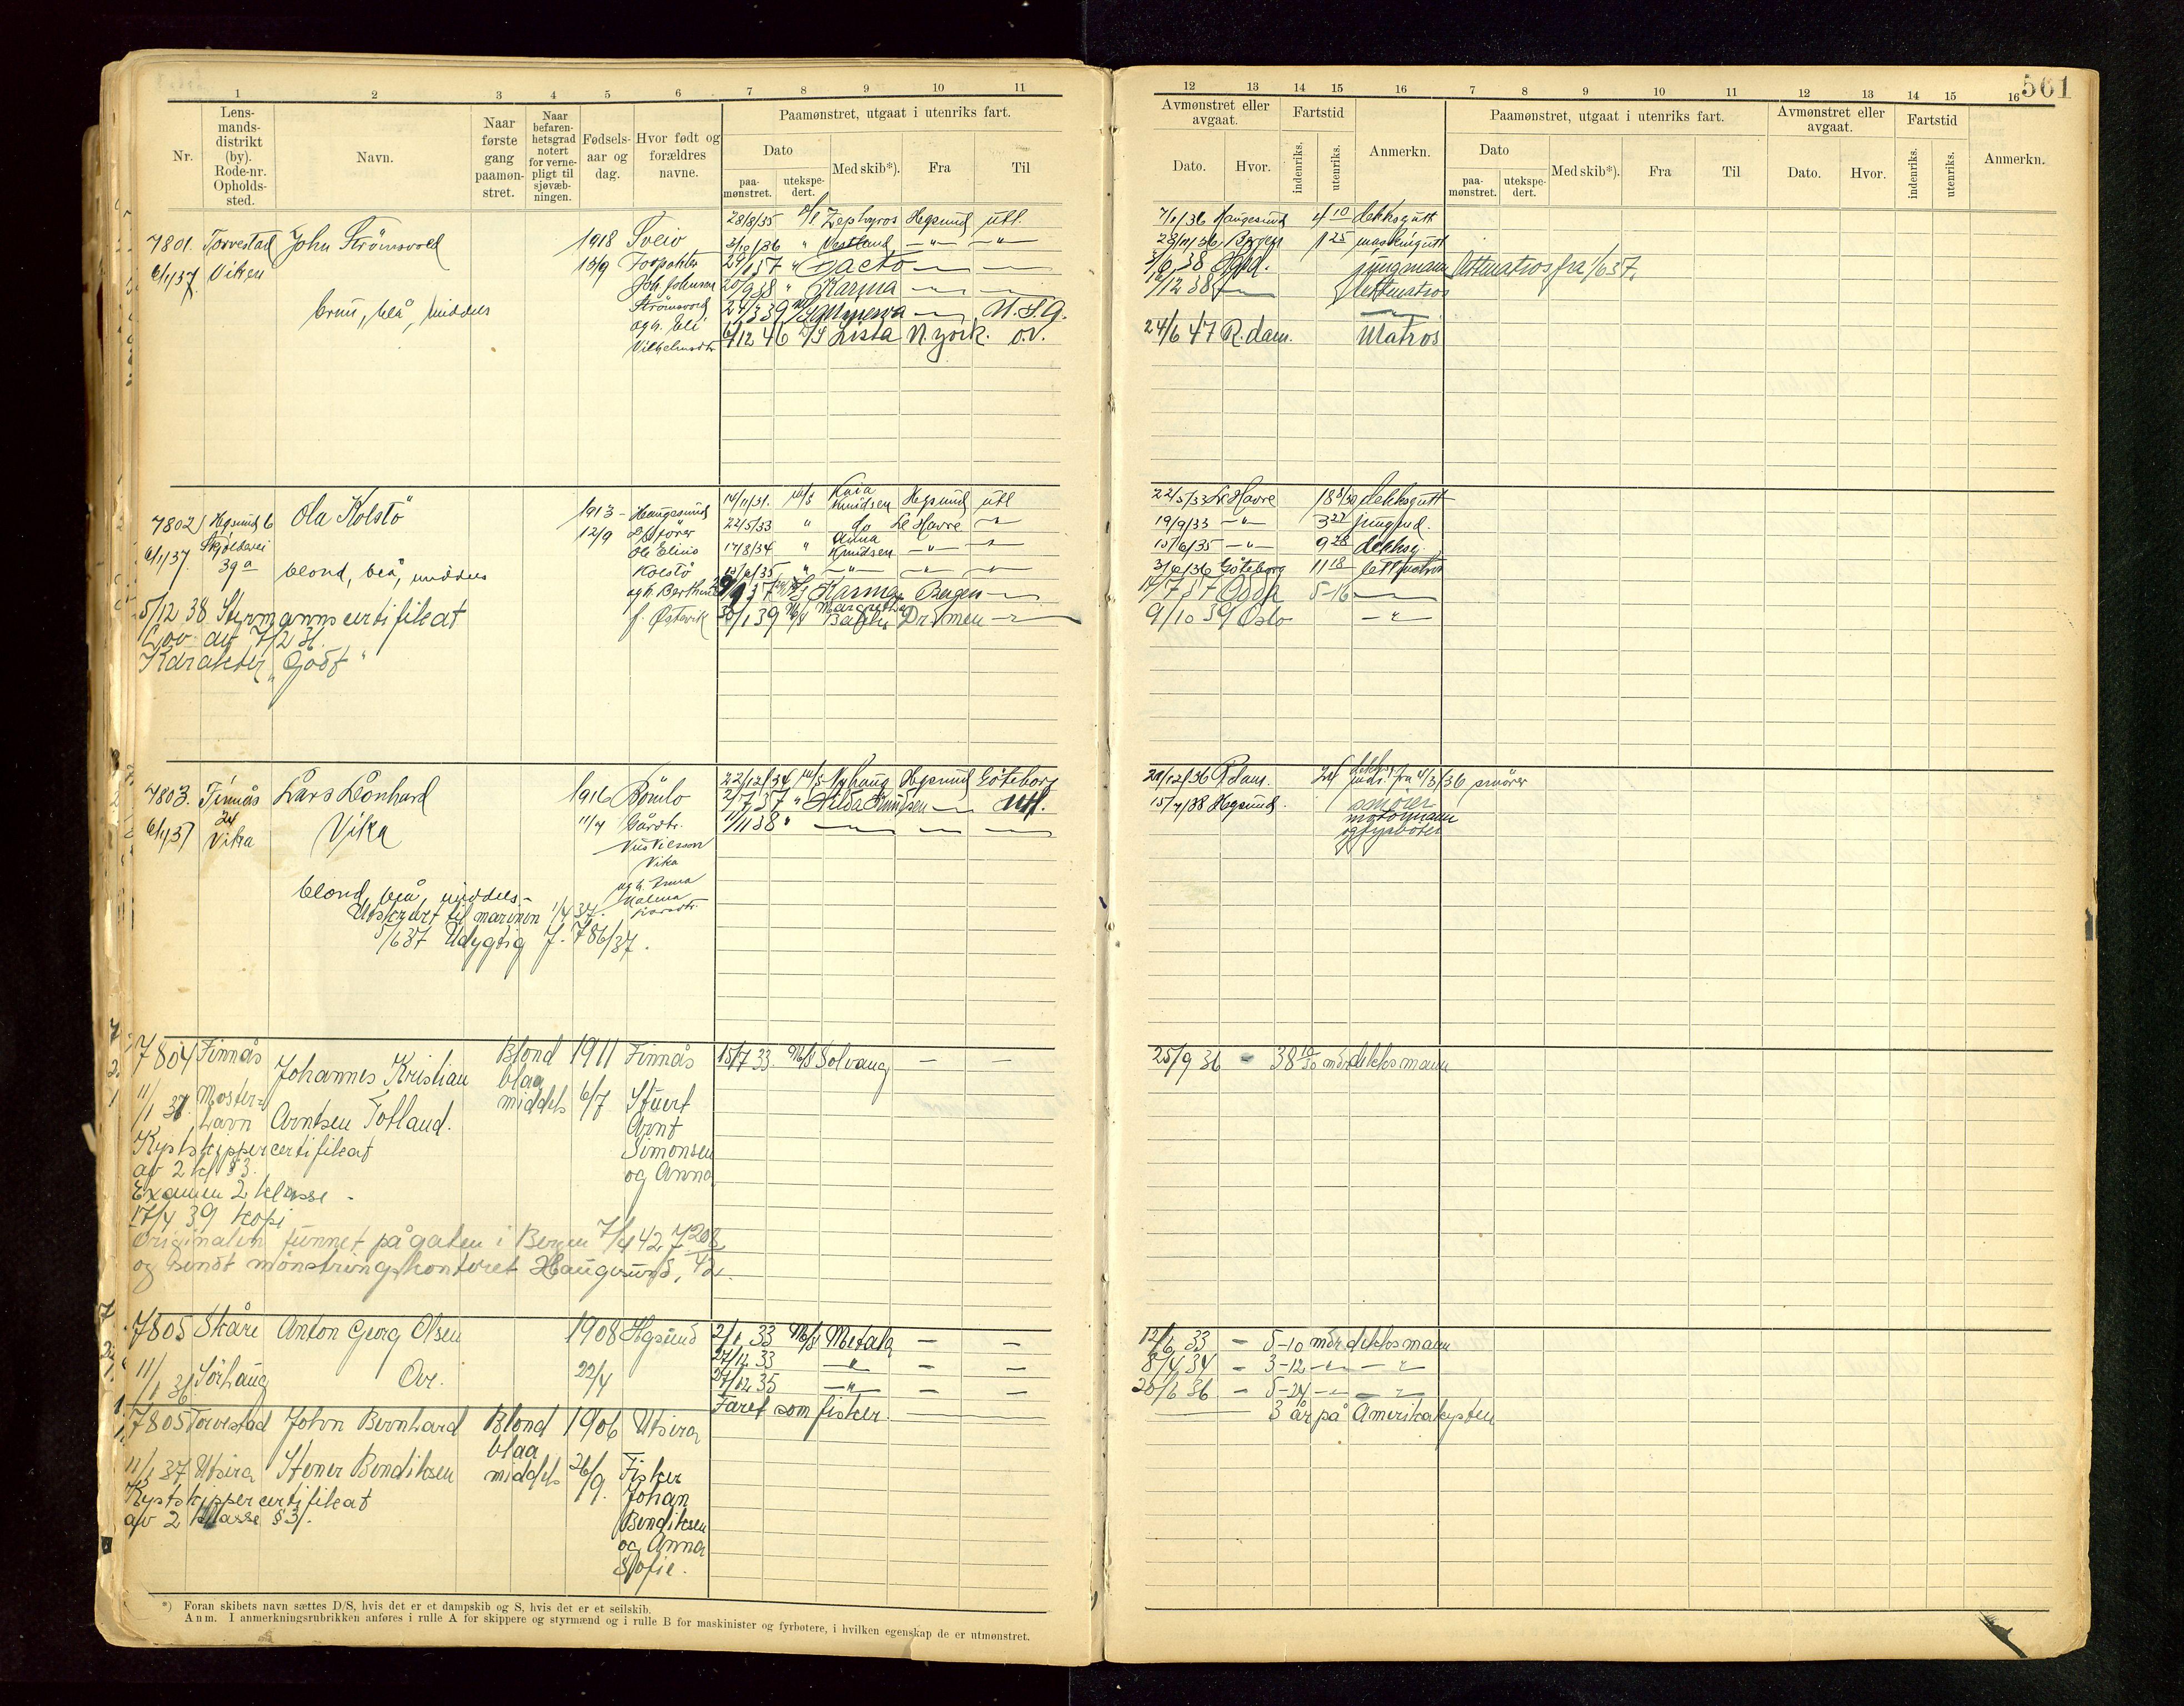 SAST, Haugesund sjømannskontor, F/Fb/Fbb/L0015: Sjøfartsrulle A Haugesund krets I nr 5001-8970, 1912-1948, s. 561